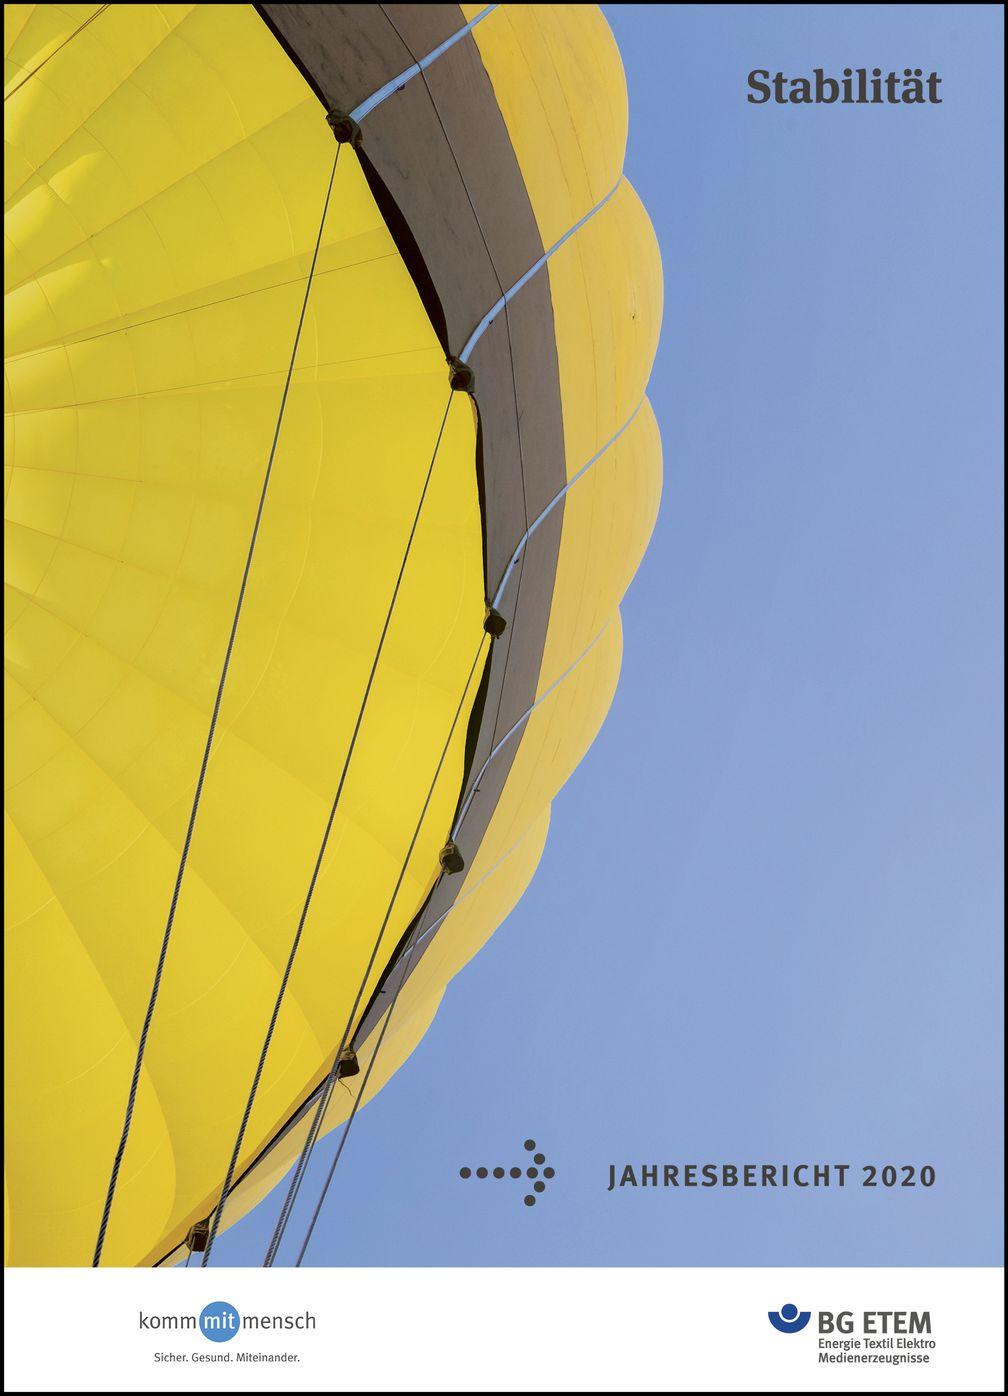 Titelseite des Jahresberichts 2020 der BG ETEM